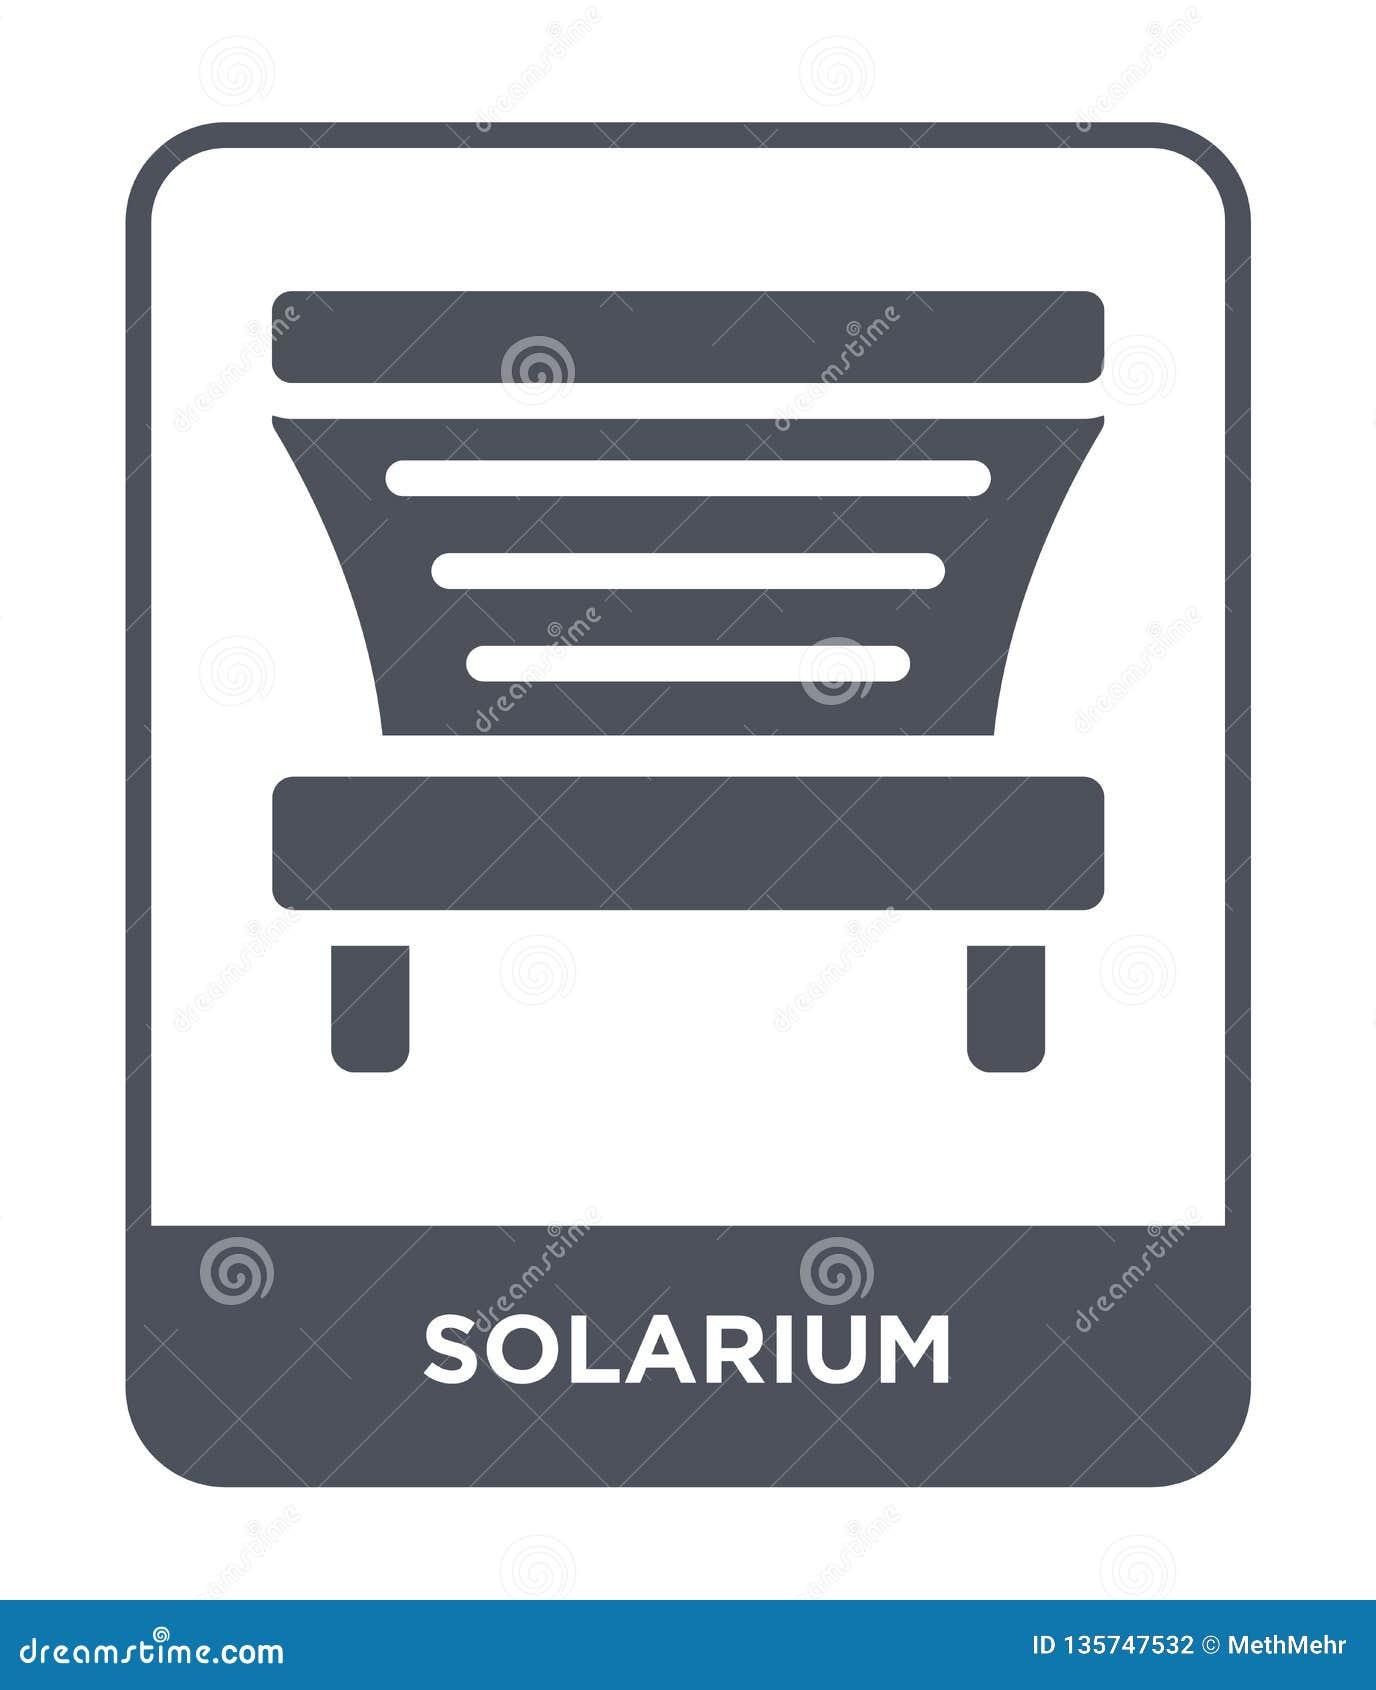 Icona del solarium nello stile d avanguardia di progettazione icona del solarium isolata su fondo bianco piano semplice e moderno